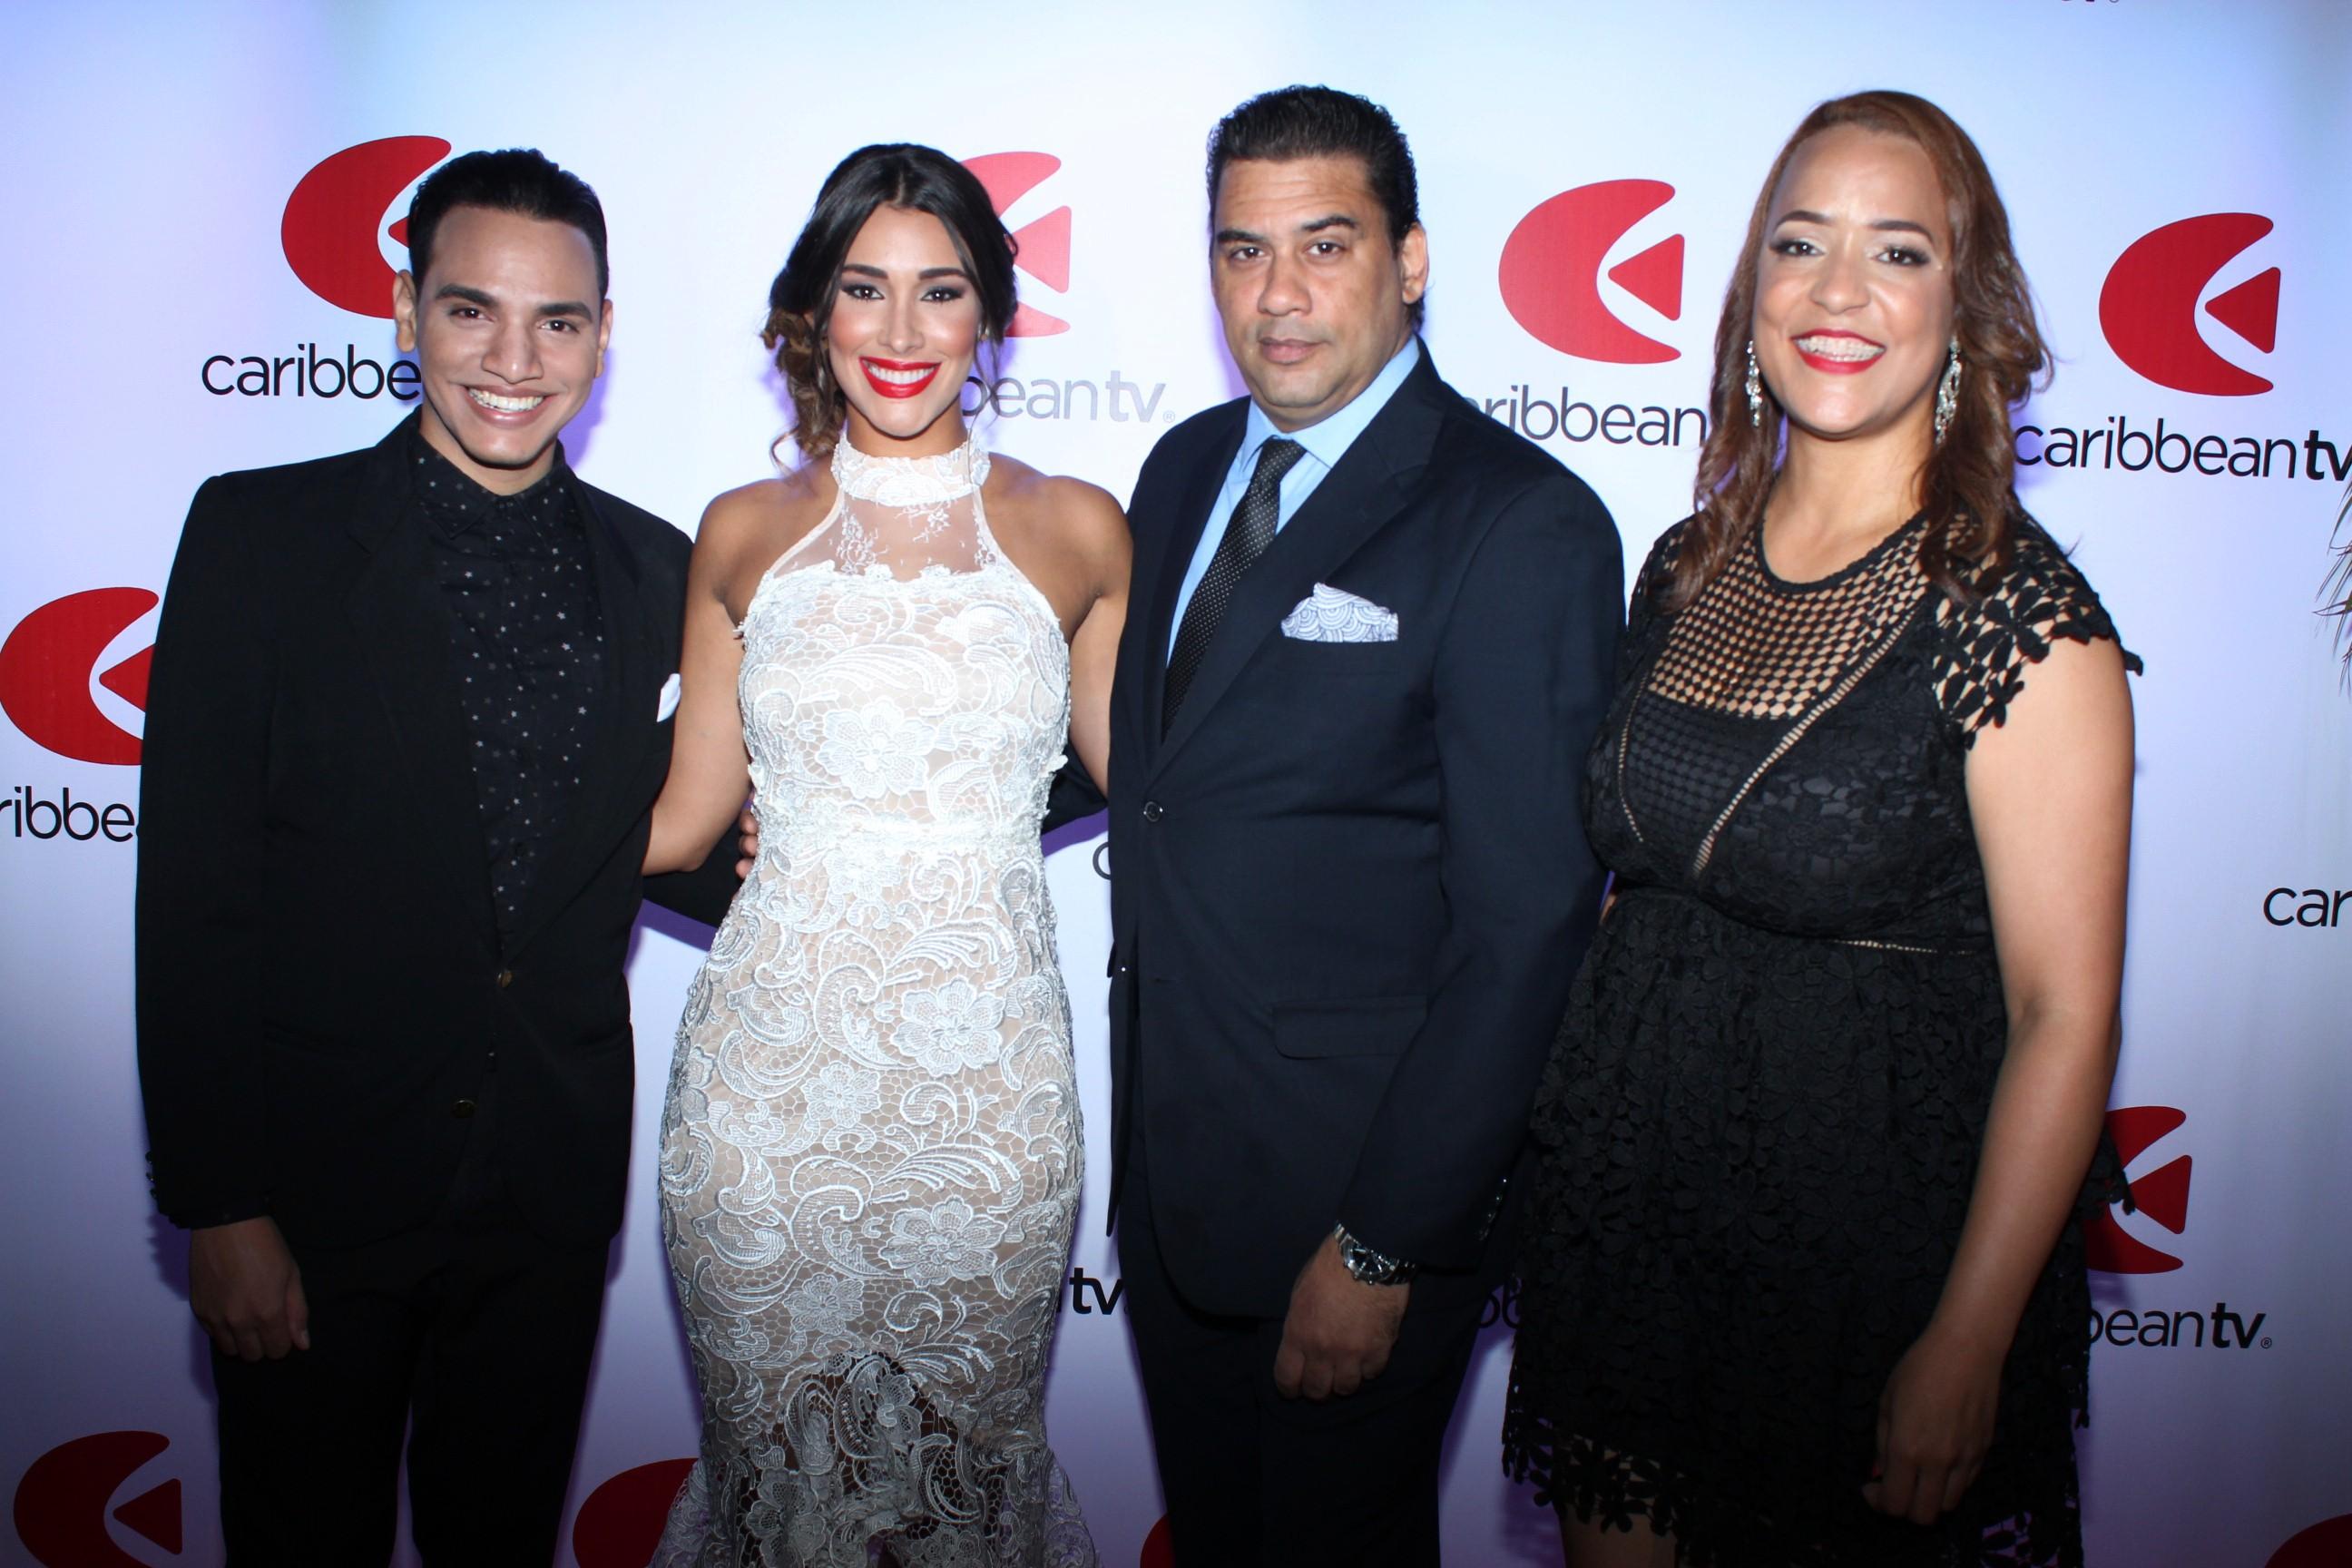 Moises Salce, Anyelina Sanchez, Emile Mariani, Kenny Valdez